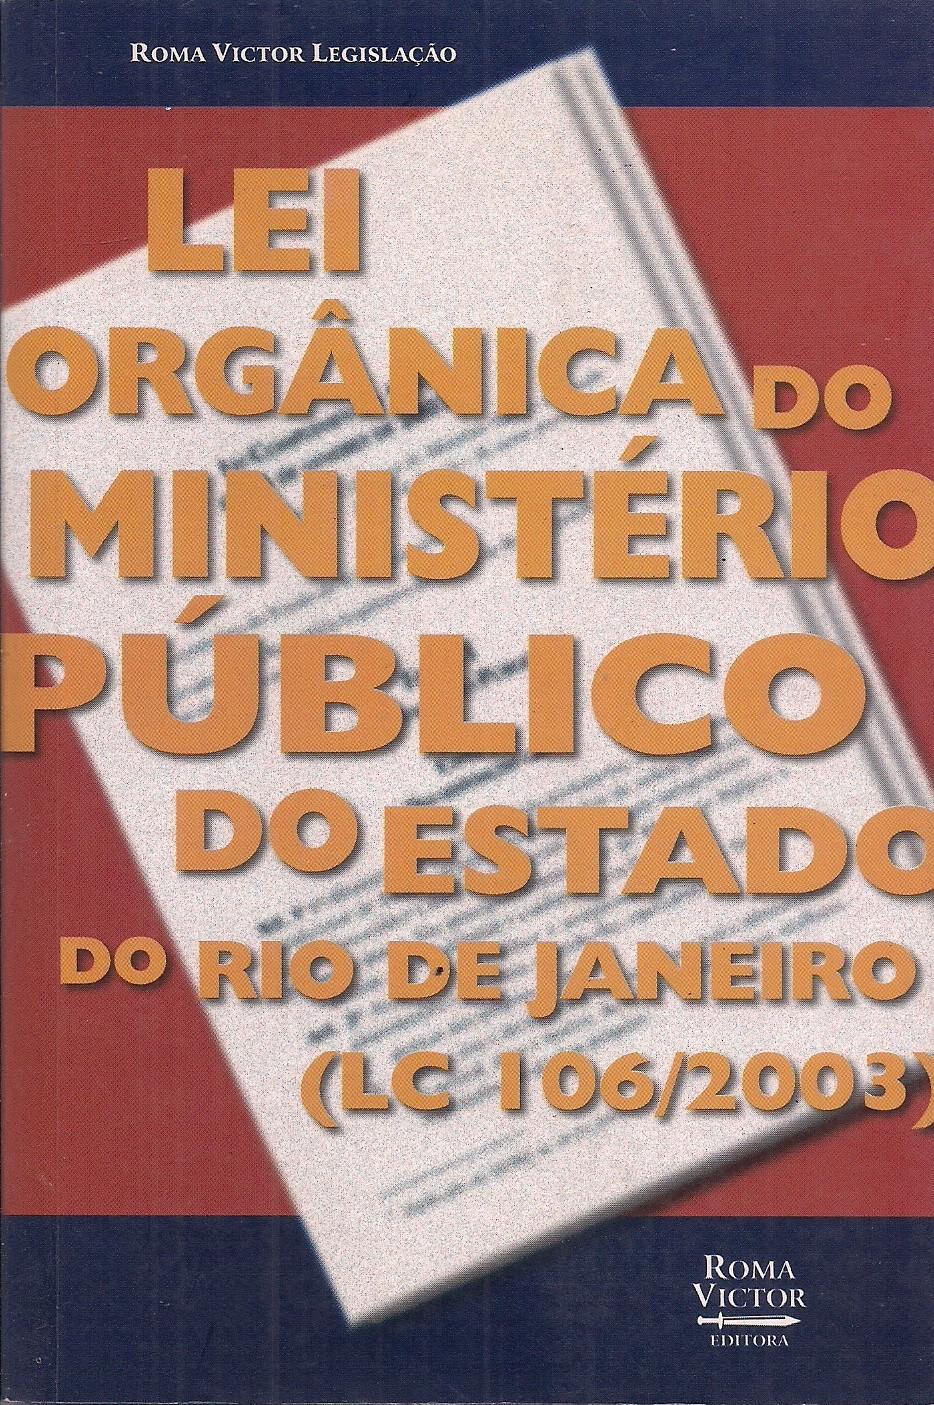 Foto 1 - Lei Orgânica do Ministério Público do Estado do Rio de Janeiro (LC 106/2003)